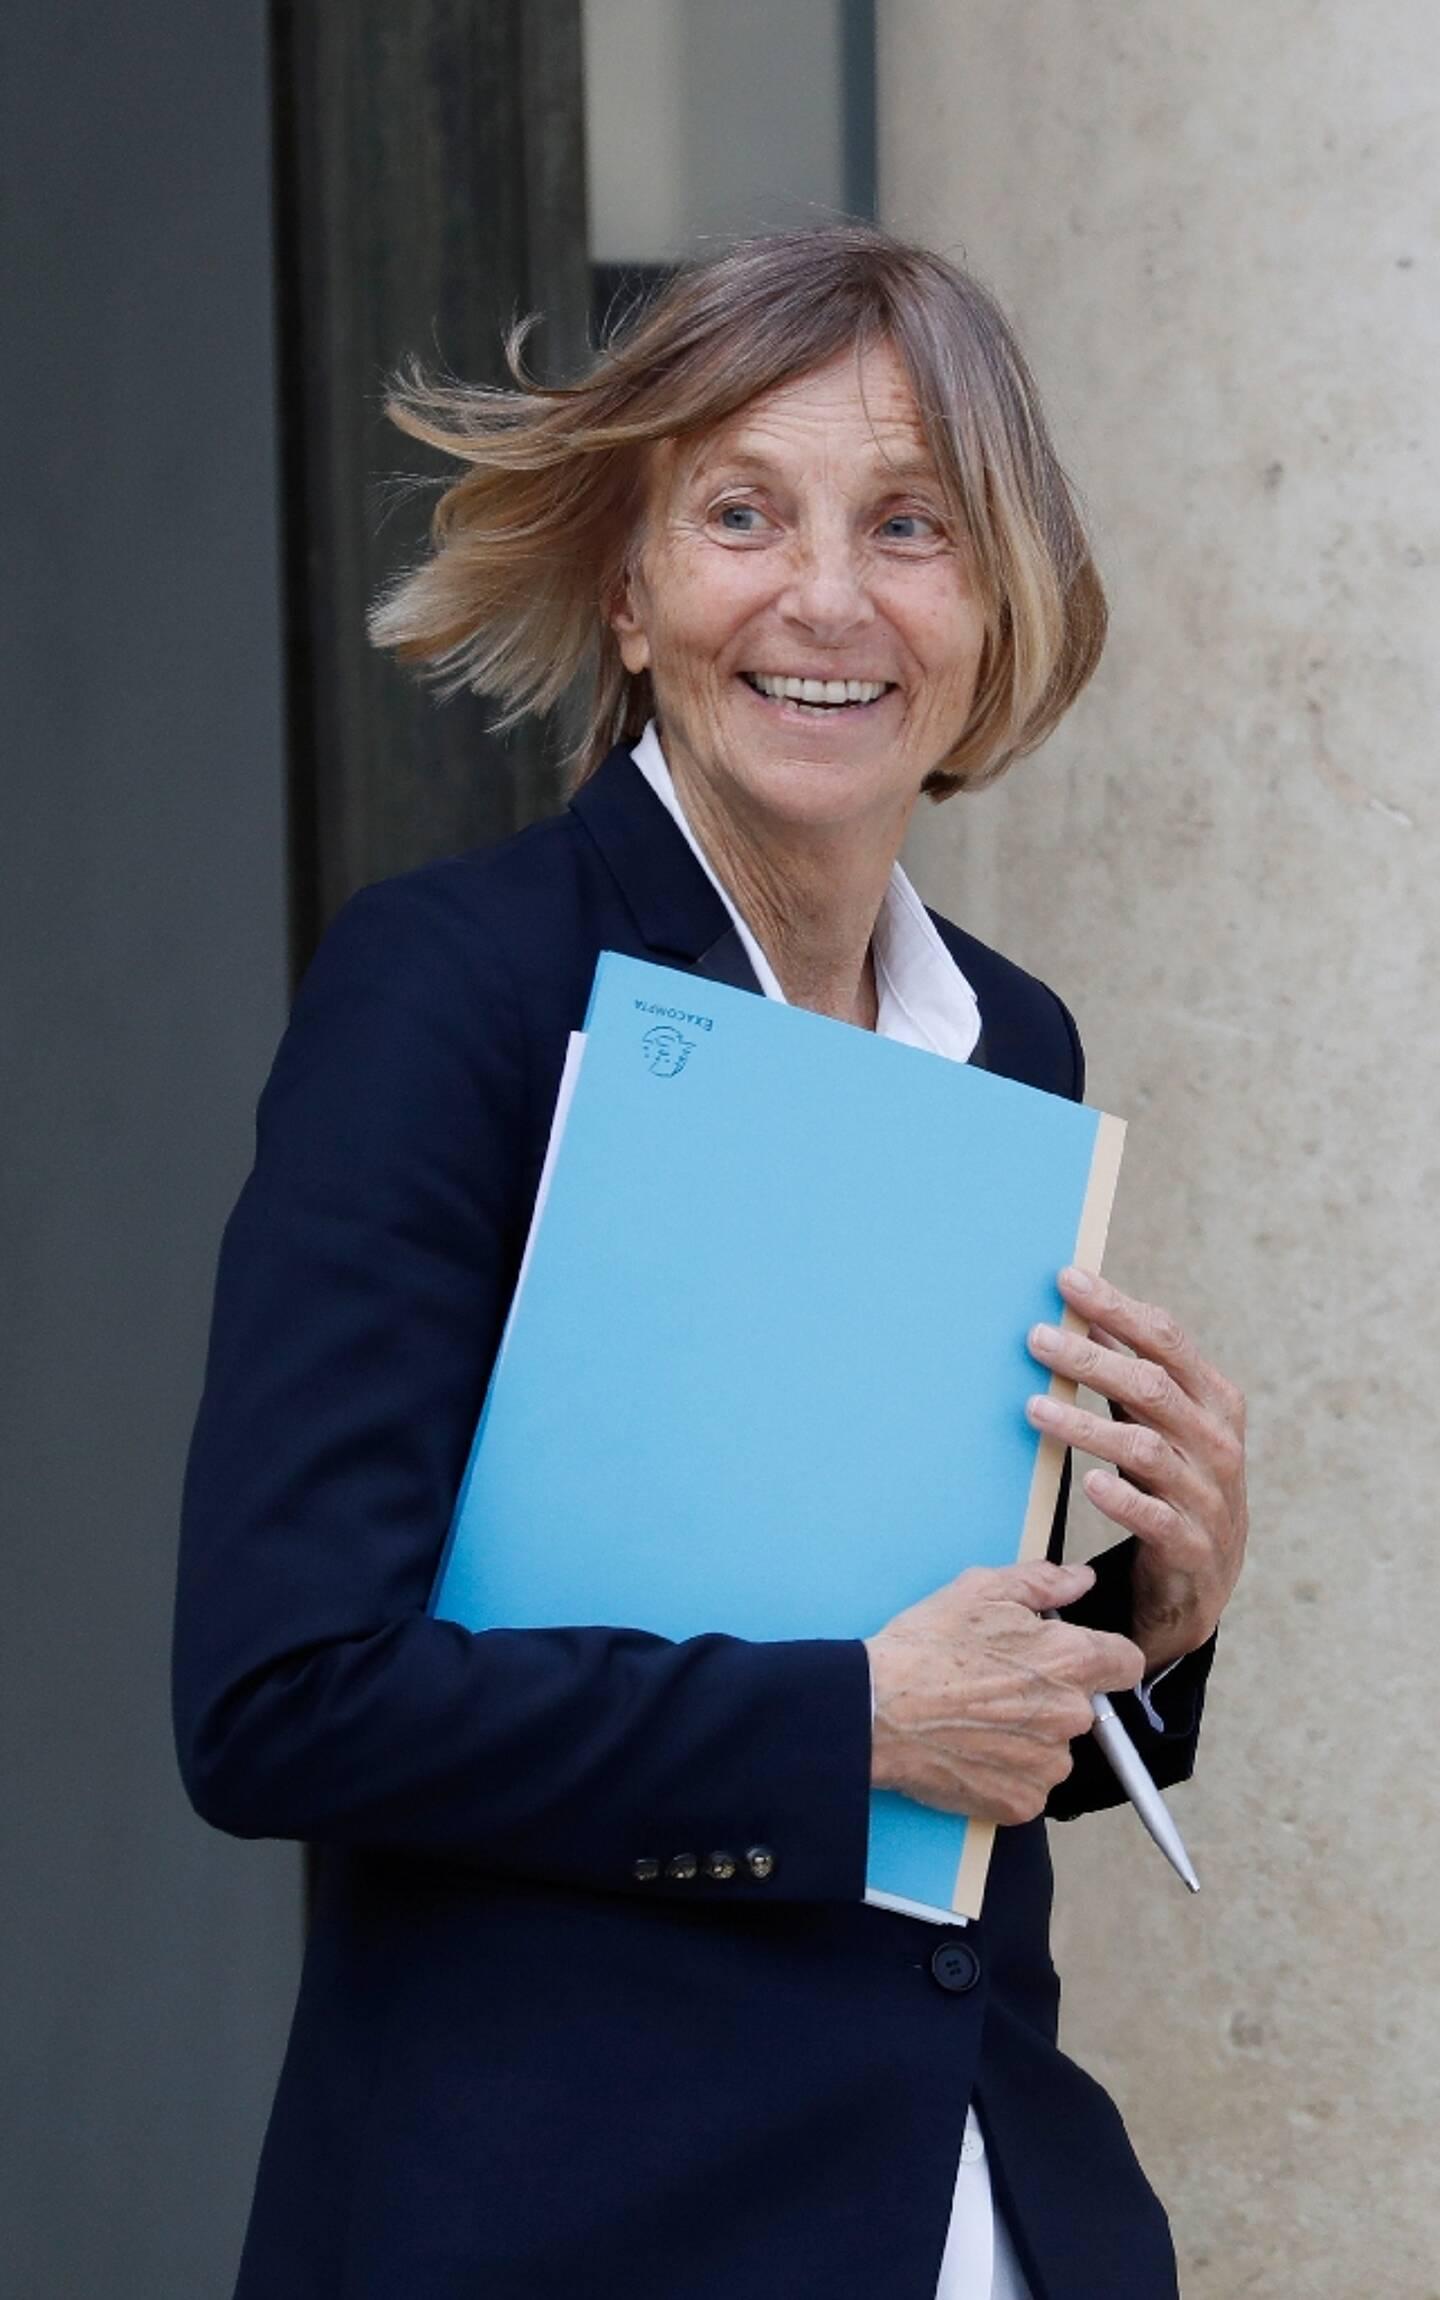 Marielle de Sarnez à la sortie d'un conseil des ministres à Elysée, le 21 juin 2017 à Paris.